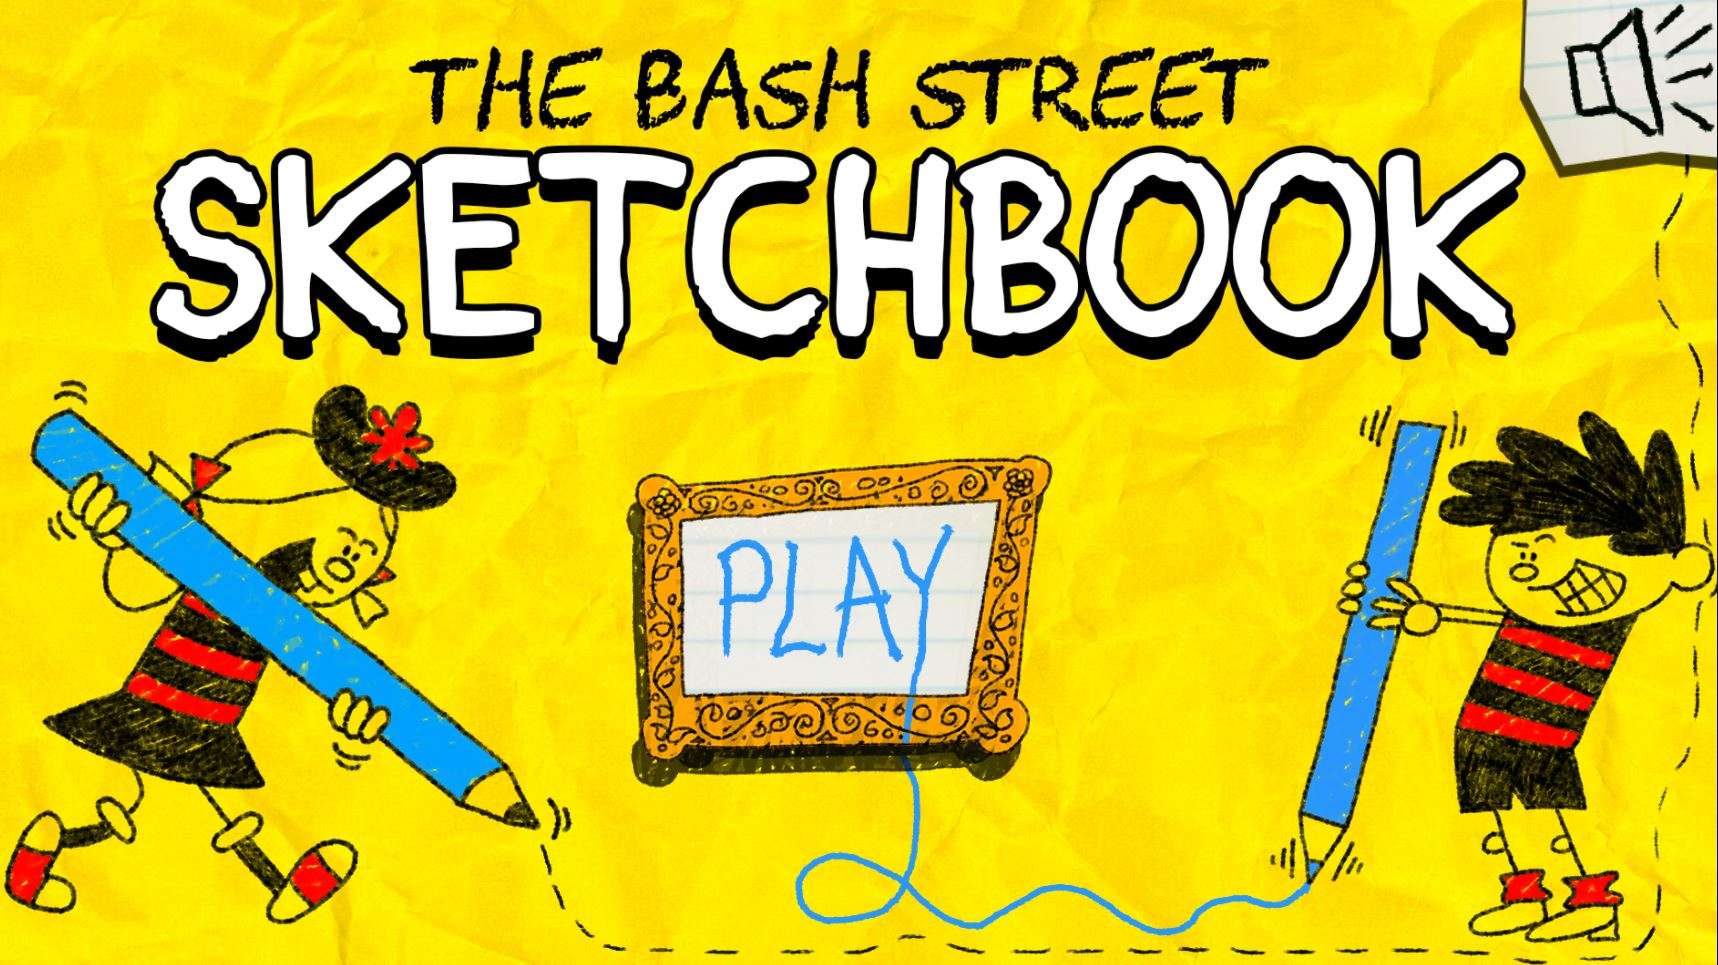 The Bash Street Sketchbook